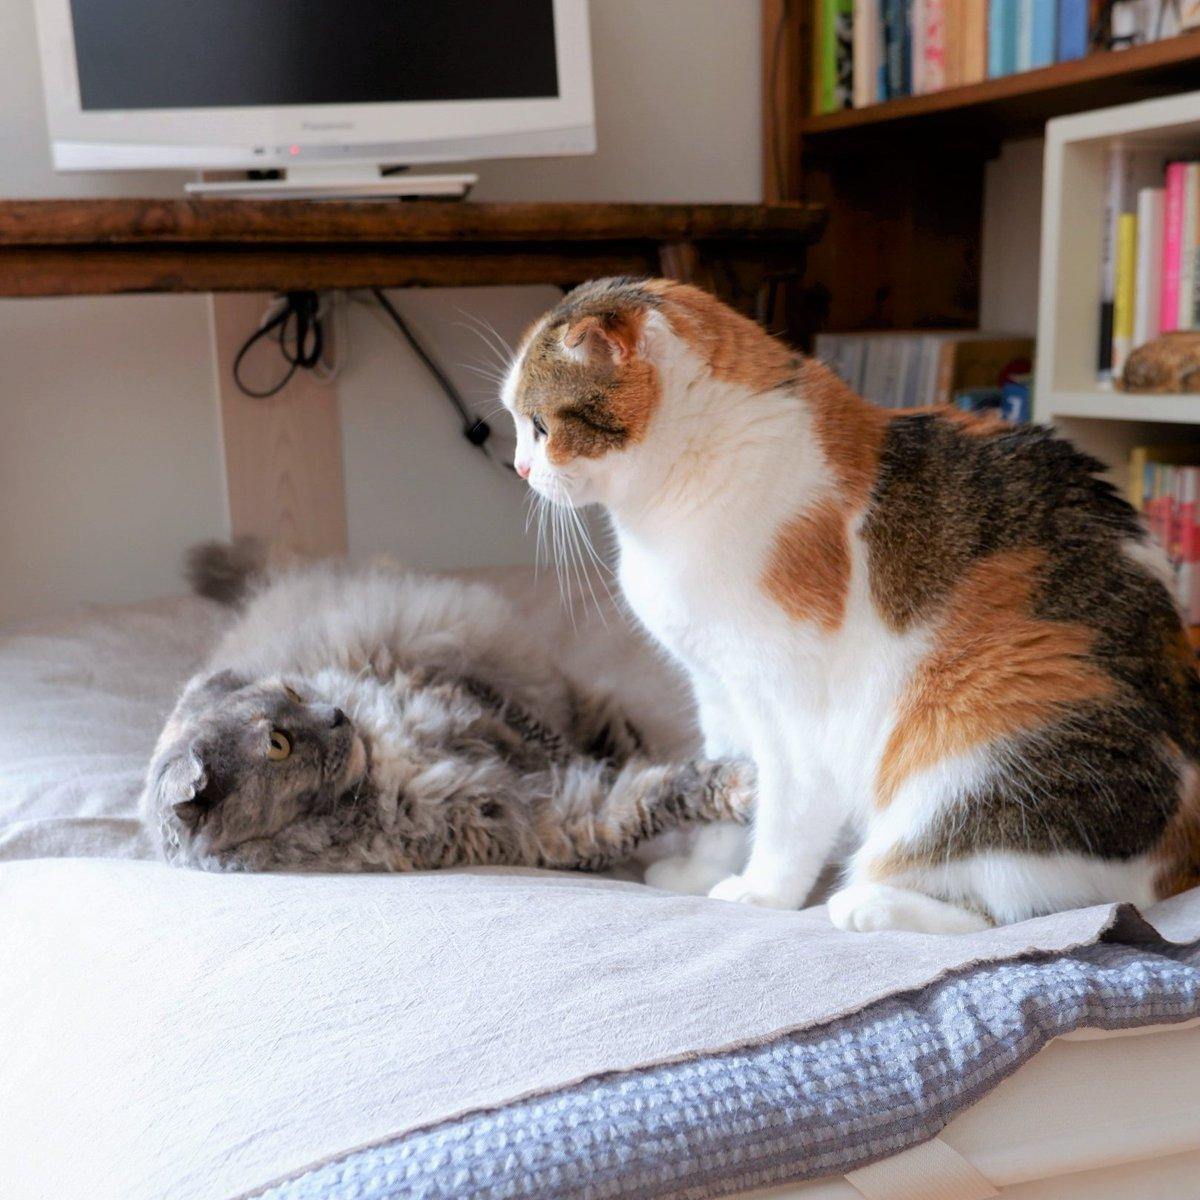 2階の室温が27度を超えるようになってきたので昼寝用の布団を1階にもってきました。ふだんは猫たちの寝場所として、たまに人間が昼寝で使います。  #TLに猫を流す #猫のいる幸せ #猫好き #cat #サビ猫 #三